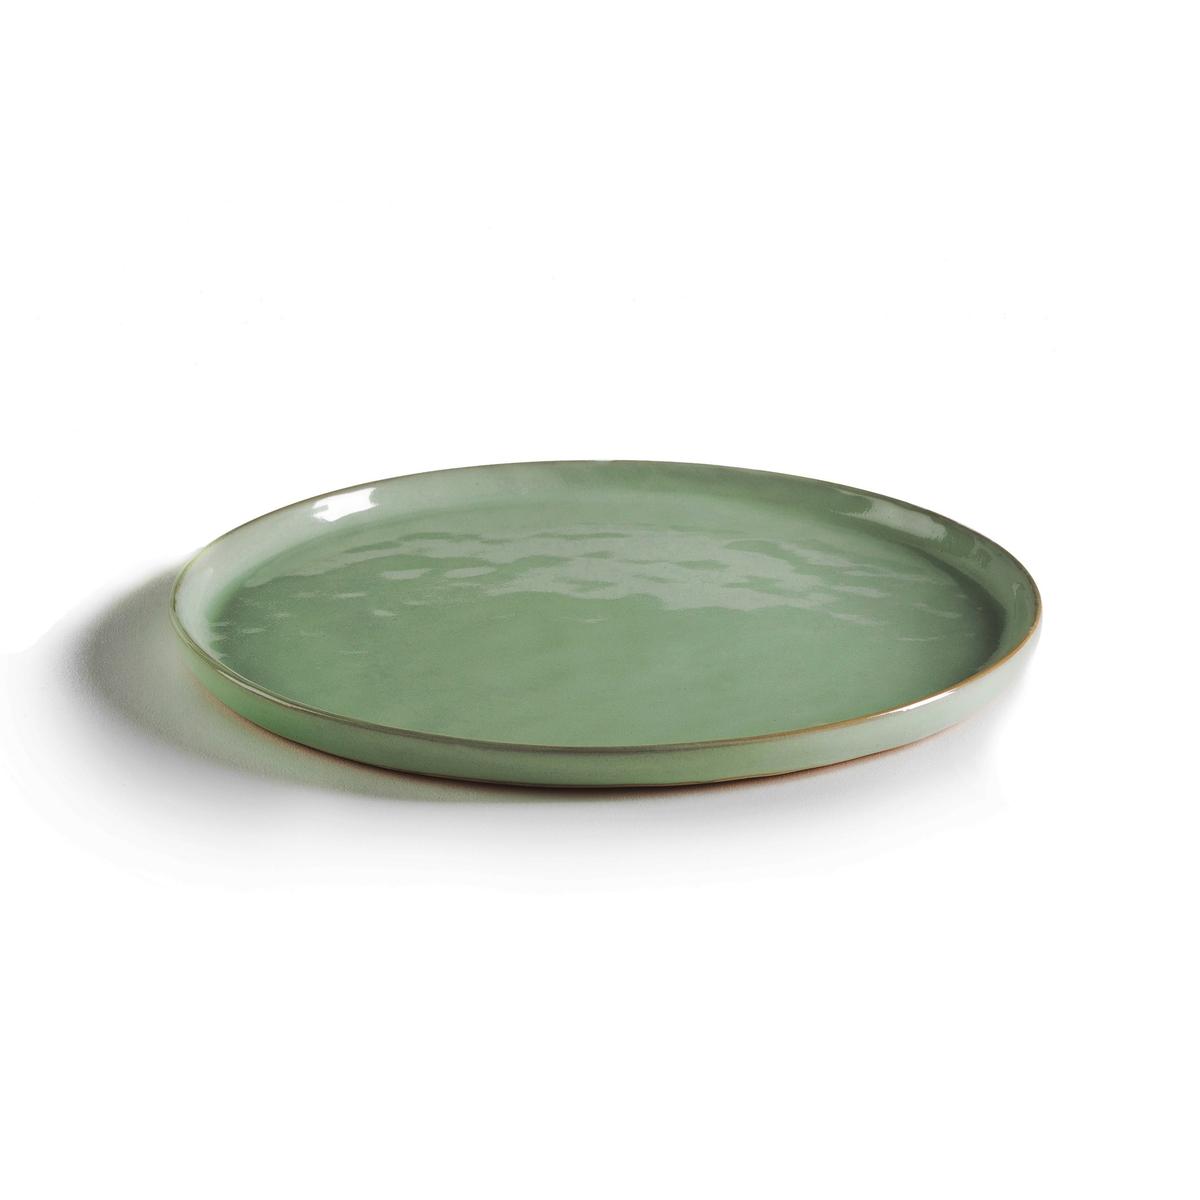 Комплект из 4 тарелок из керамики, ?21,5 см, PURE, дизайн П. Нессенса для Serax4 десертные тарелки из керамики Pure для Serax. Паскаль Нессенс создал Pure, свою первую коллекцию столовых сервизов. Чистое воплощение аутентичности и теплоты, рожденных из органических форм и натуральных материалов.Характеристики:- Из керамики, покрытой глазурью.- Можно использовать в микроволновой печи и мыть в посудомоечной машине.- Миски и мелкие тарелки того же комплекта представлены на нашем сайте.Размеры:- ?21,5 x В1,3 см .<br><br>Цвет: зеленый/темно-зеленый